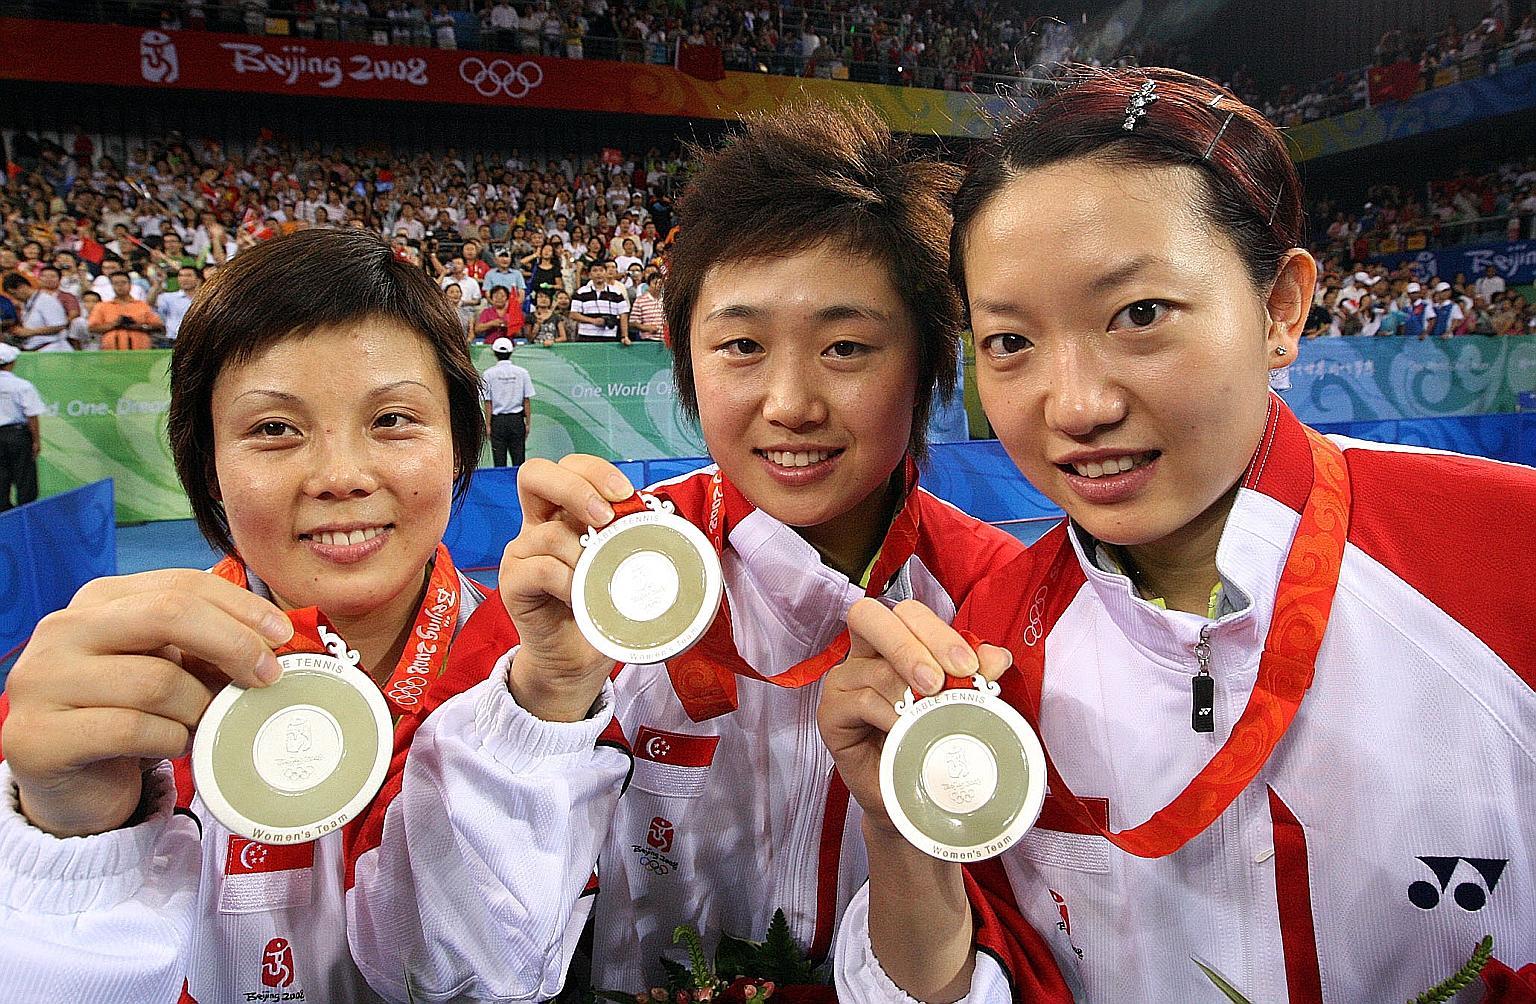 Sự cạnh tranh khốc liệt trong thế giới bóng bàn Trung Quốc cũng đã tạo nên một sức mạnh của các tay vợt